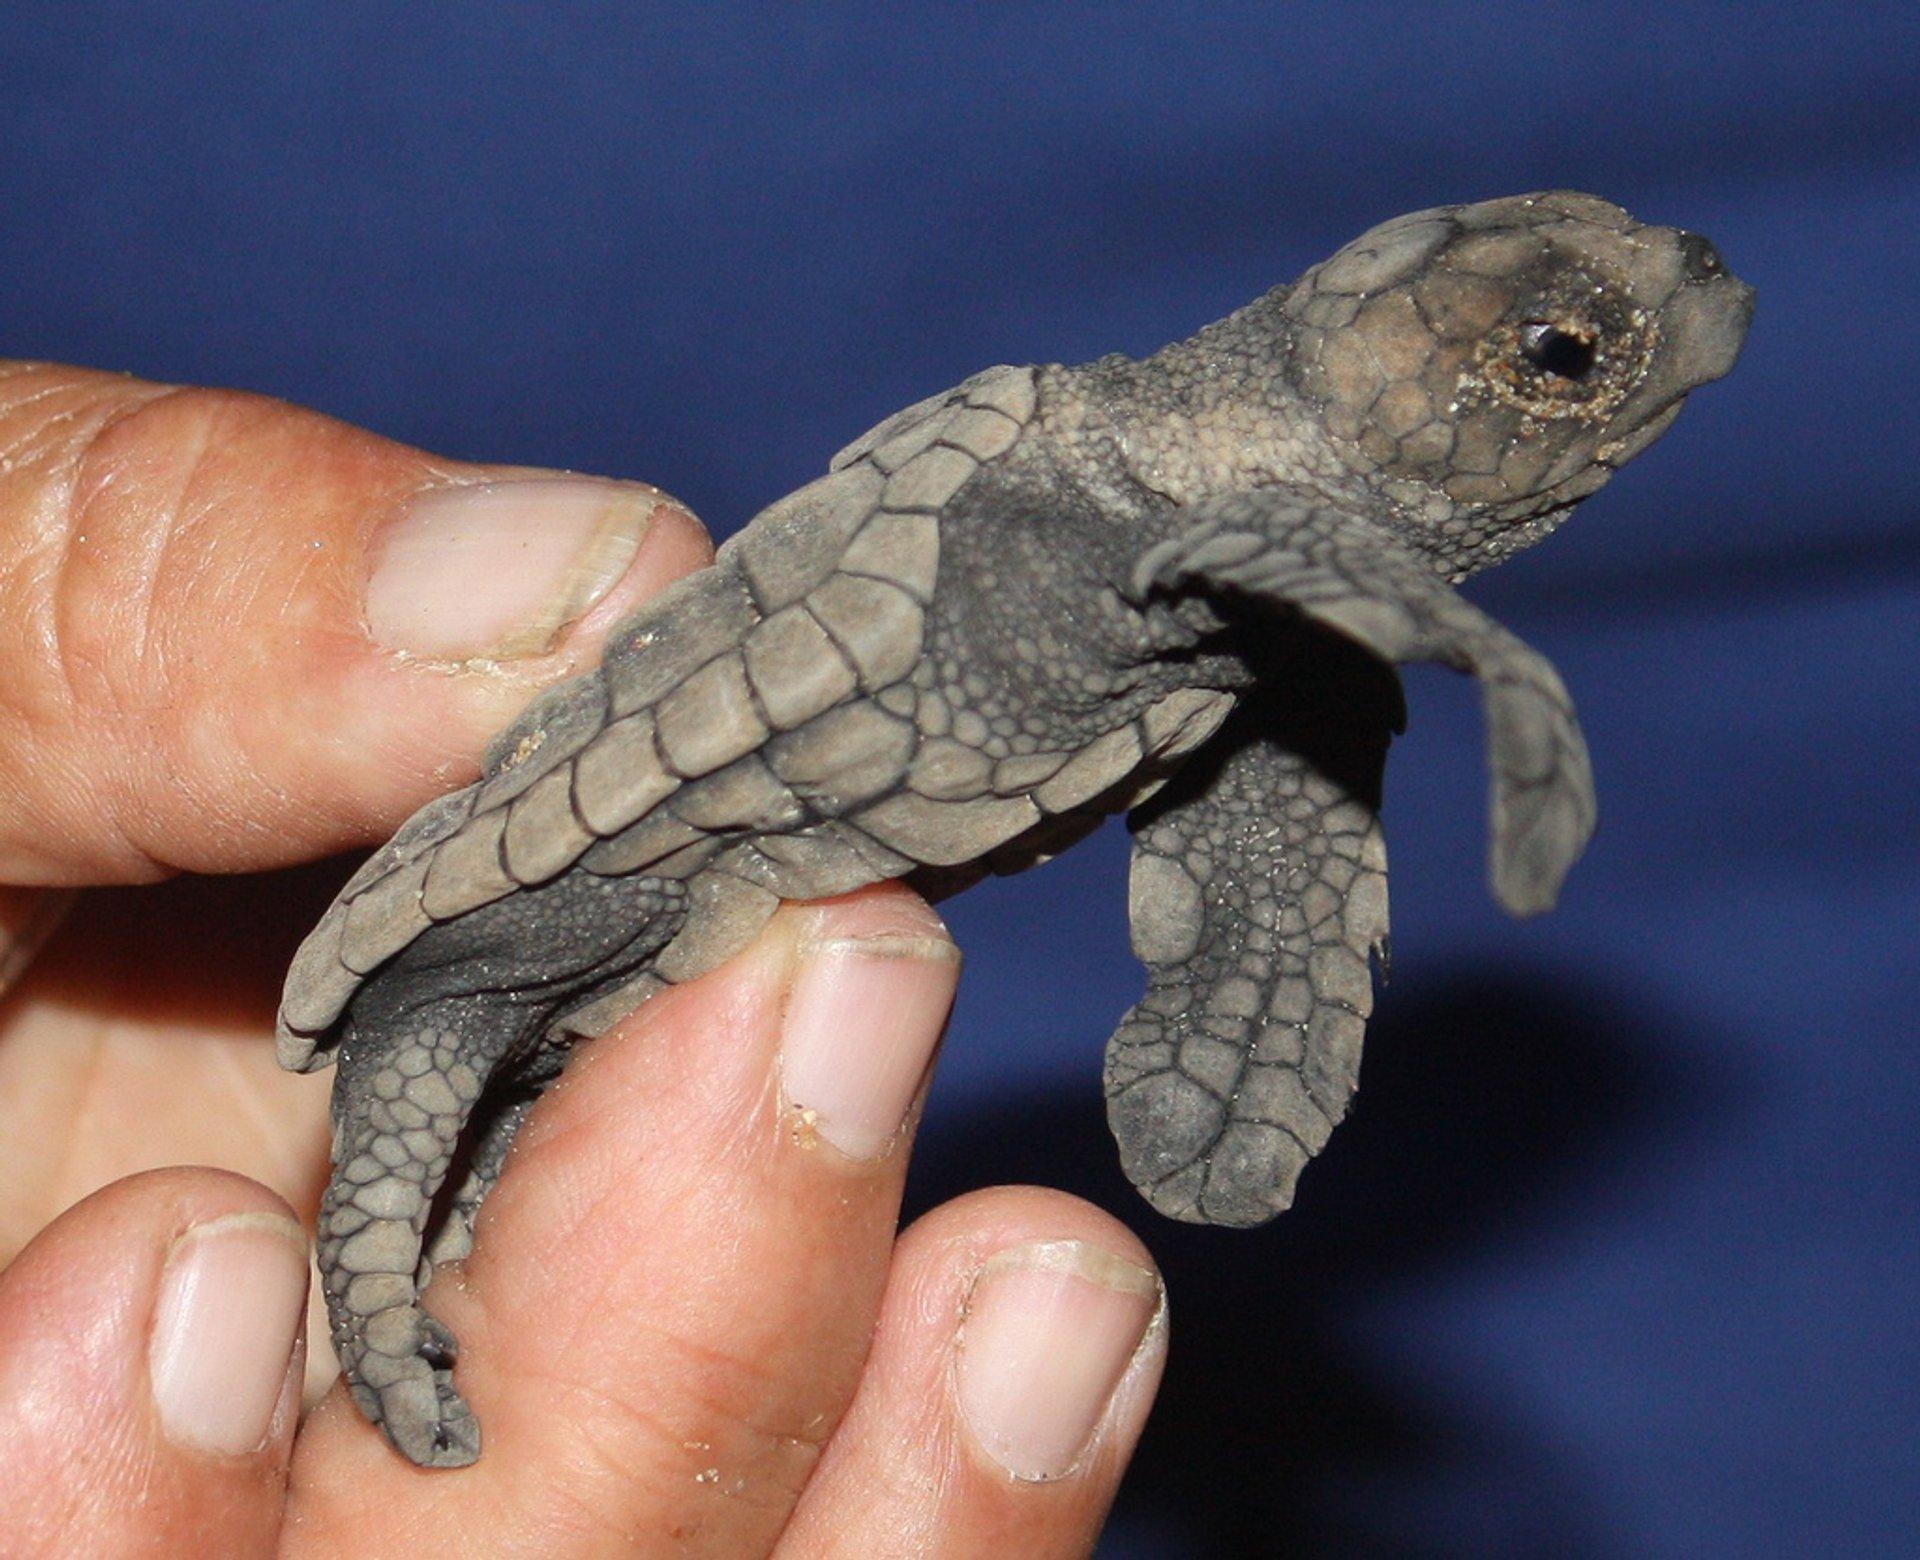 Hatching Turtles in Great Barrier Reef - Best Season 2019